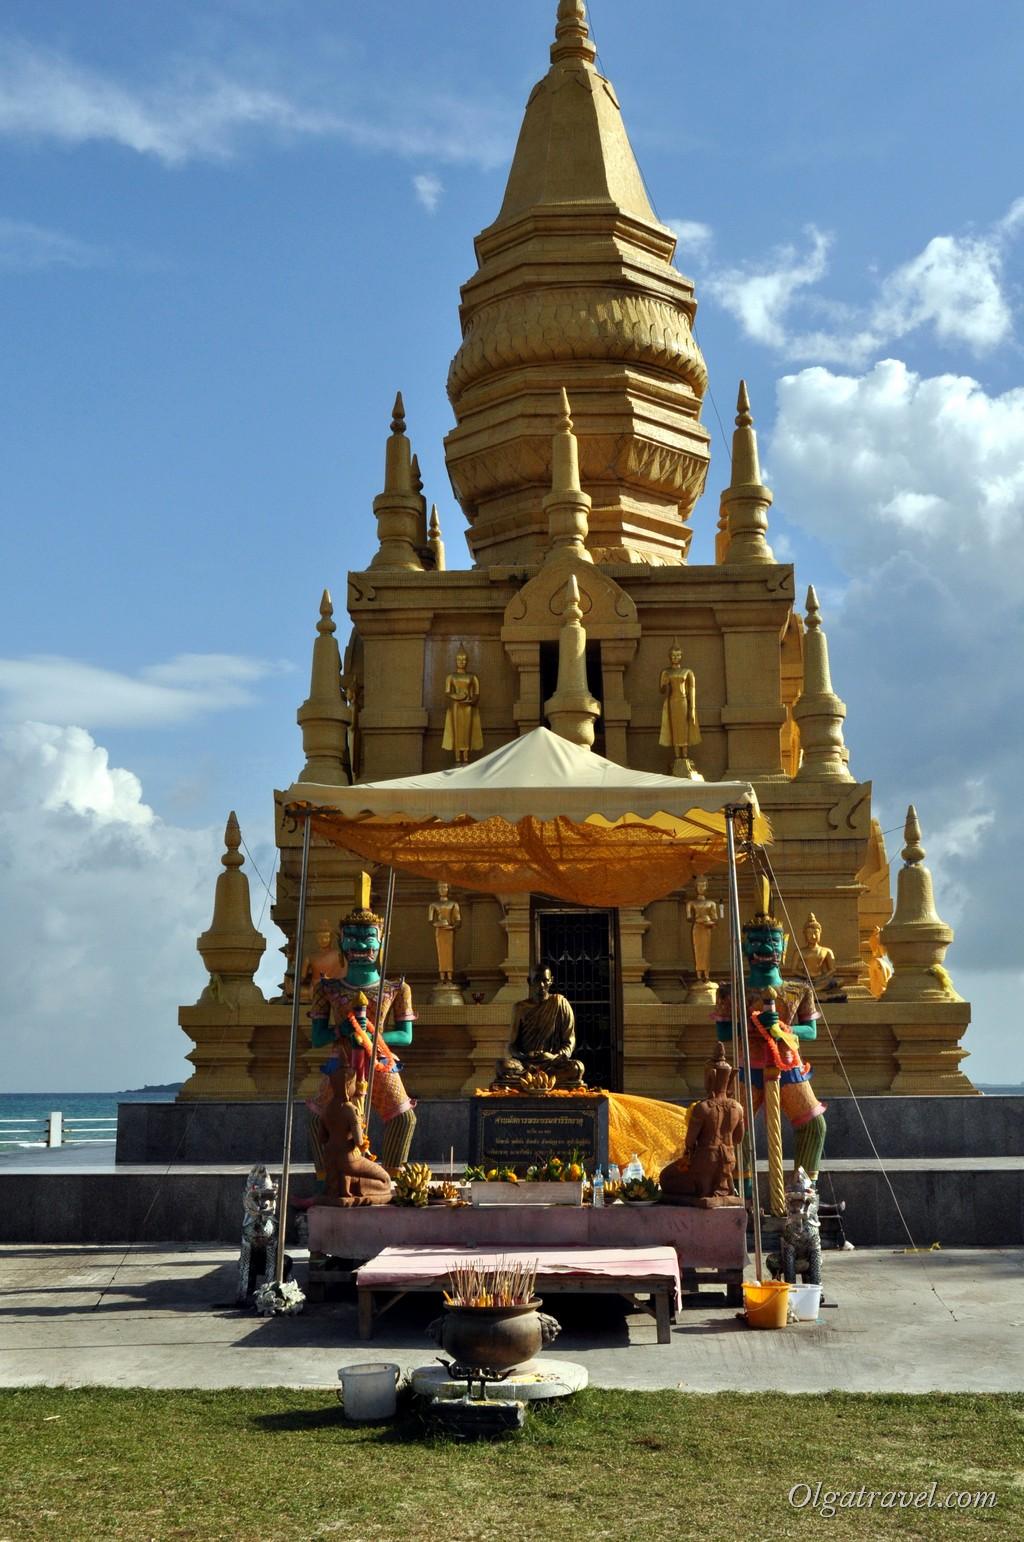 Возле входа - Будда и два воина в ярких одеждах